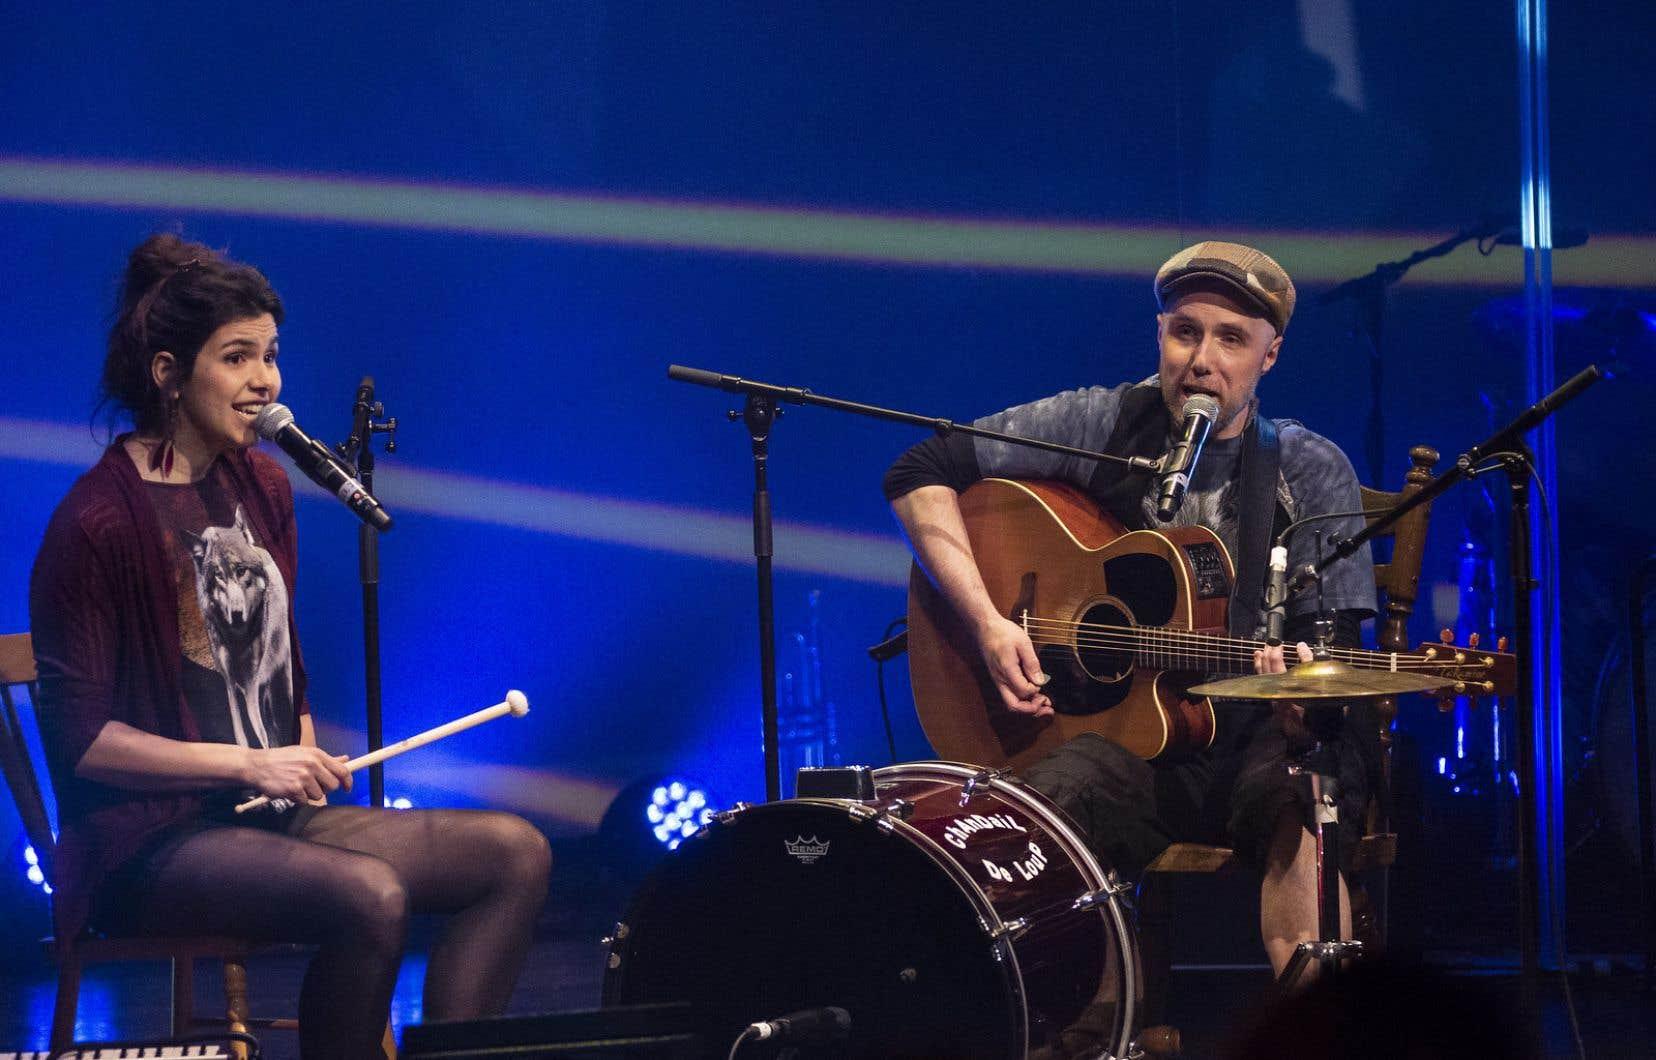 Le duo Chandail de loup, dont la poigne du mode acoustique portait idéalement des harmonies vigoureuses.